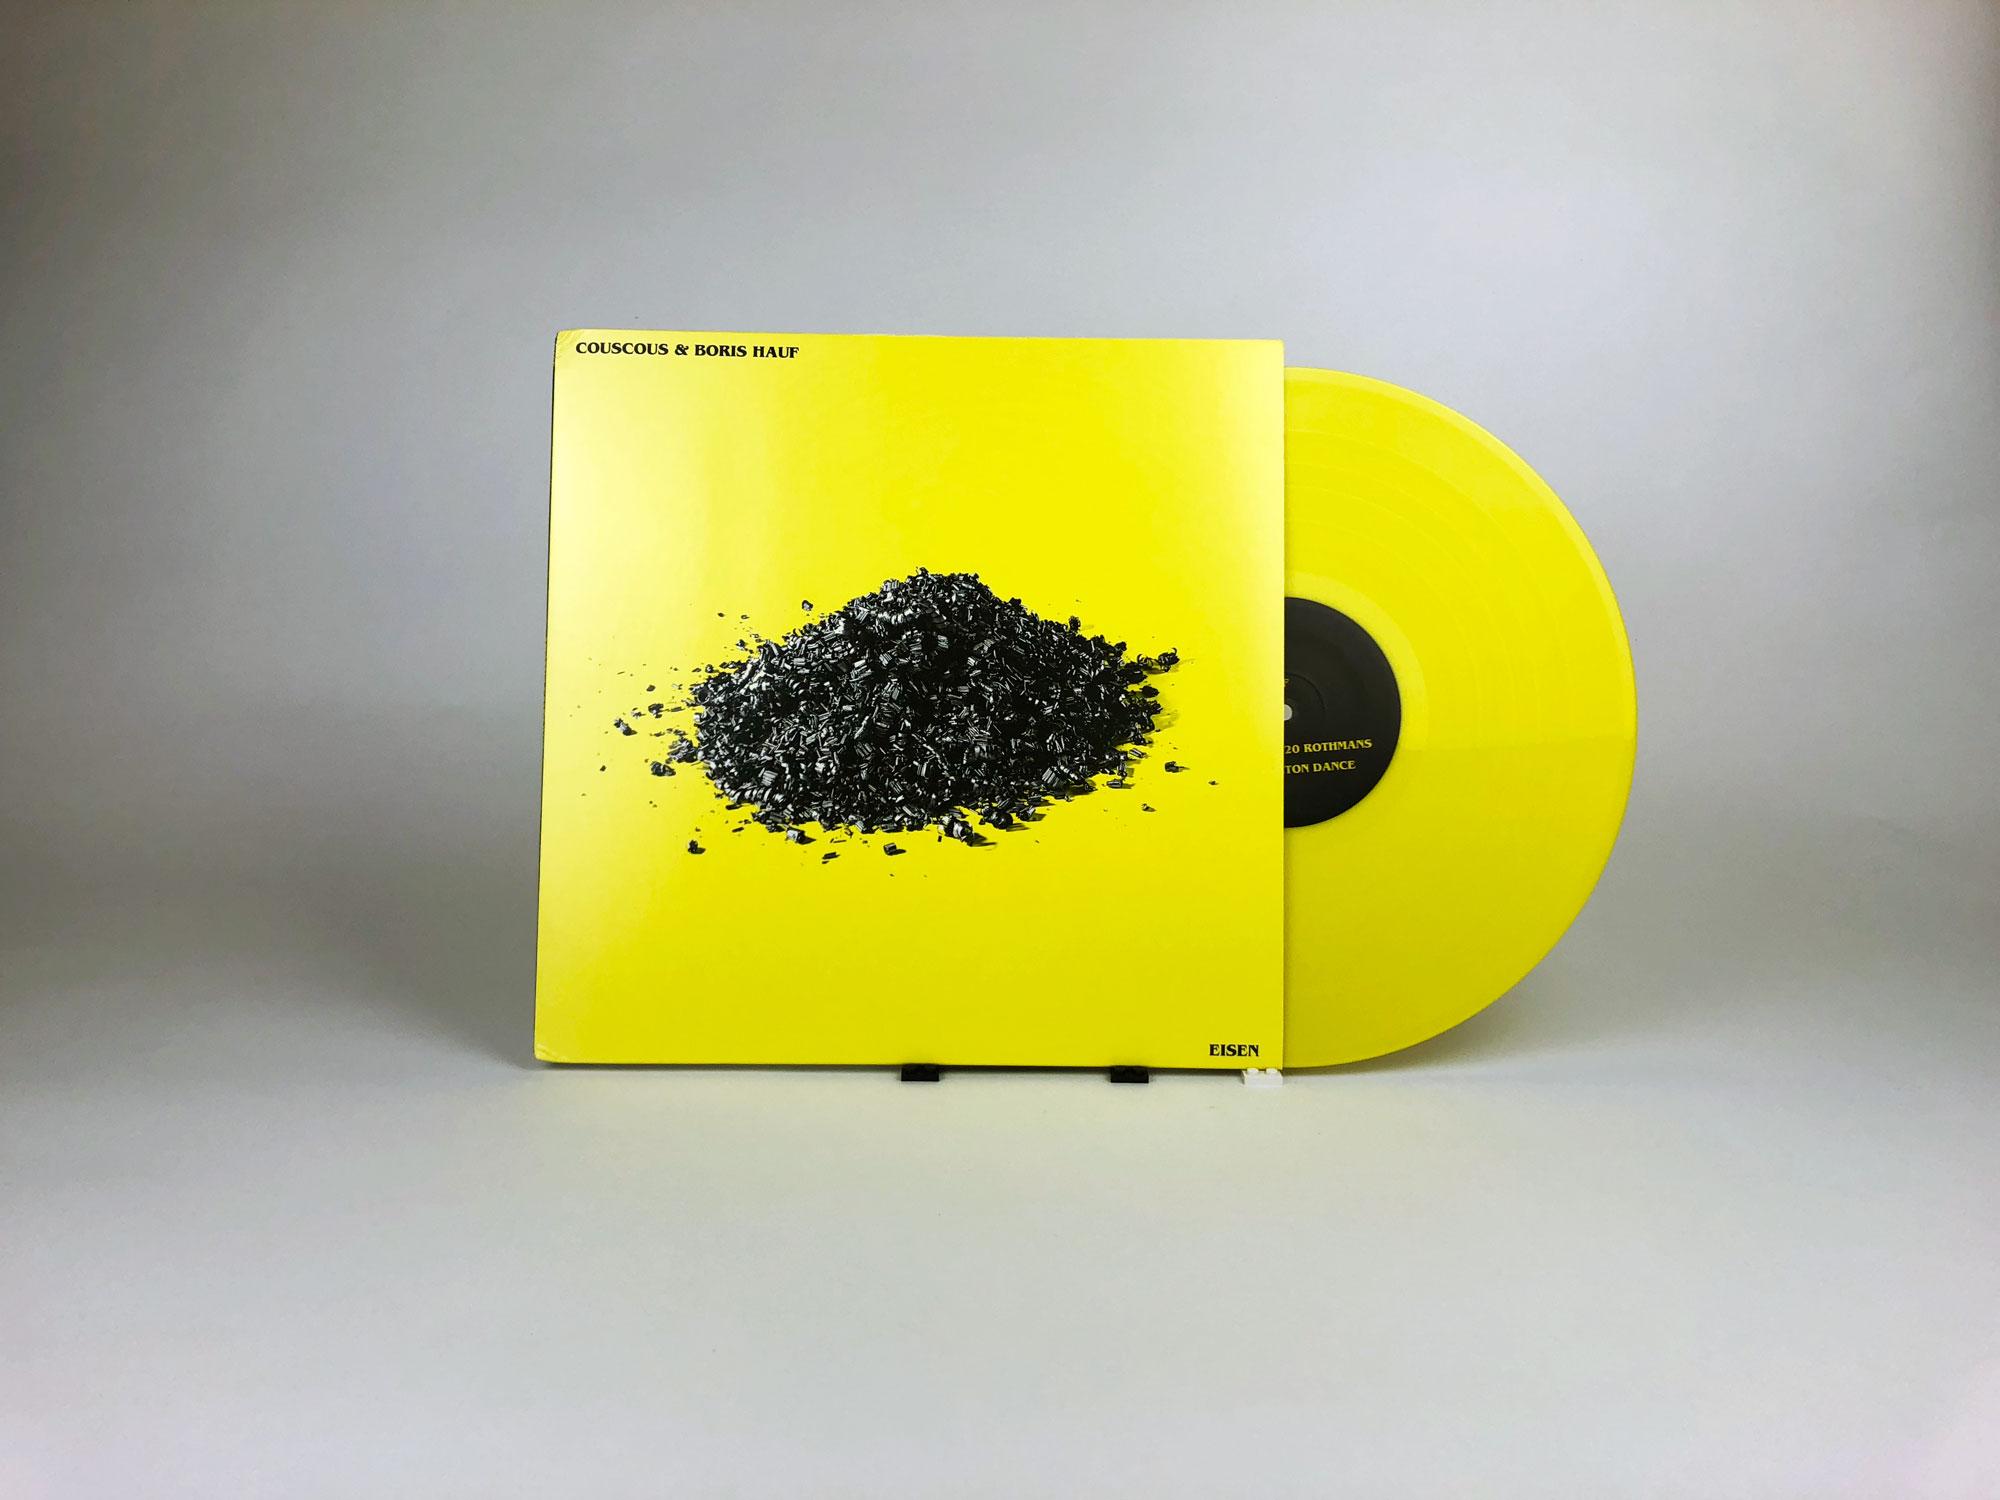 Couscous Band Vinyl Artwork